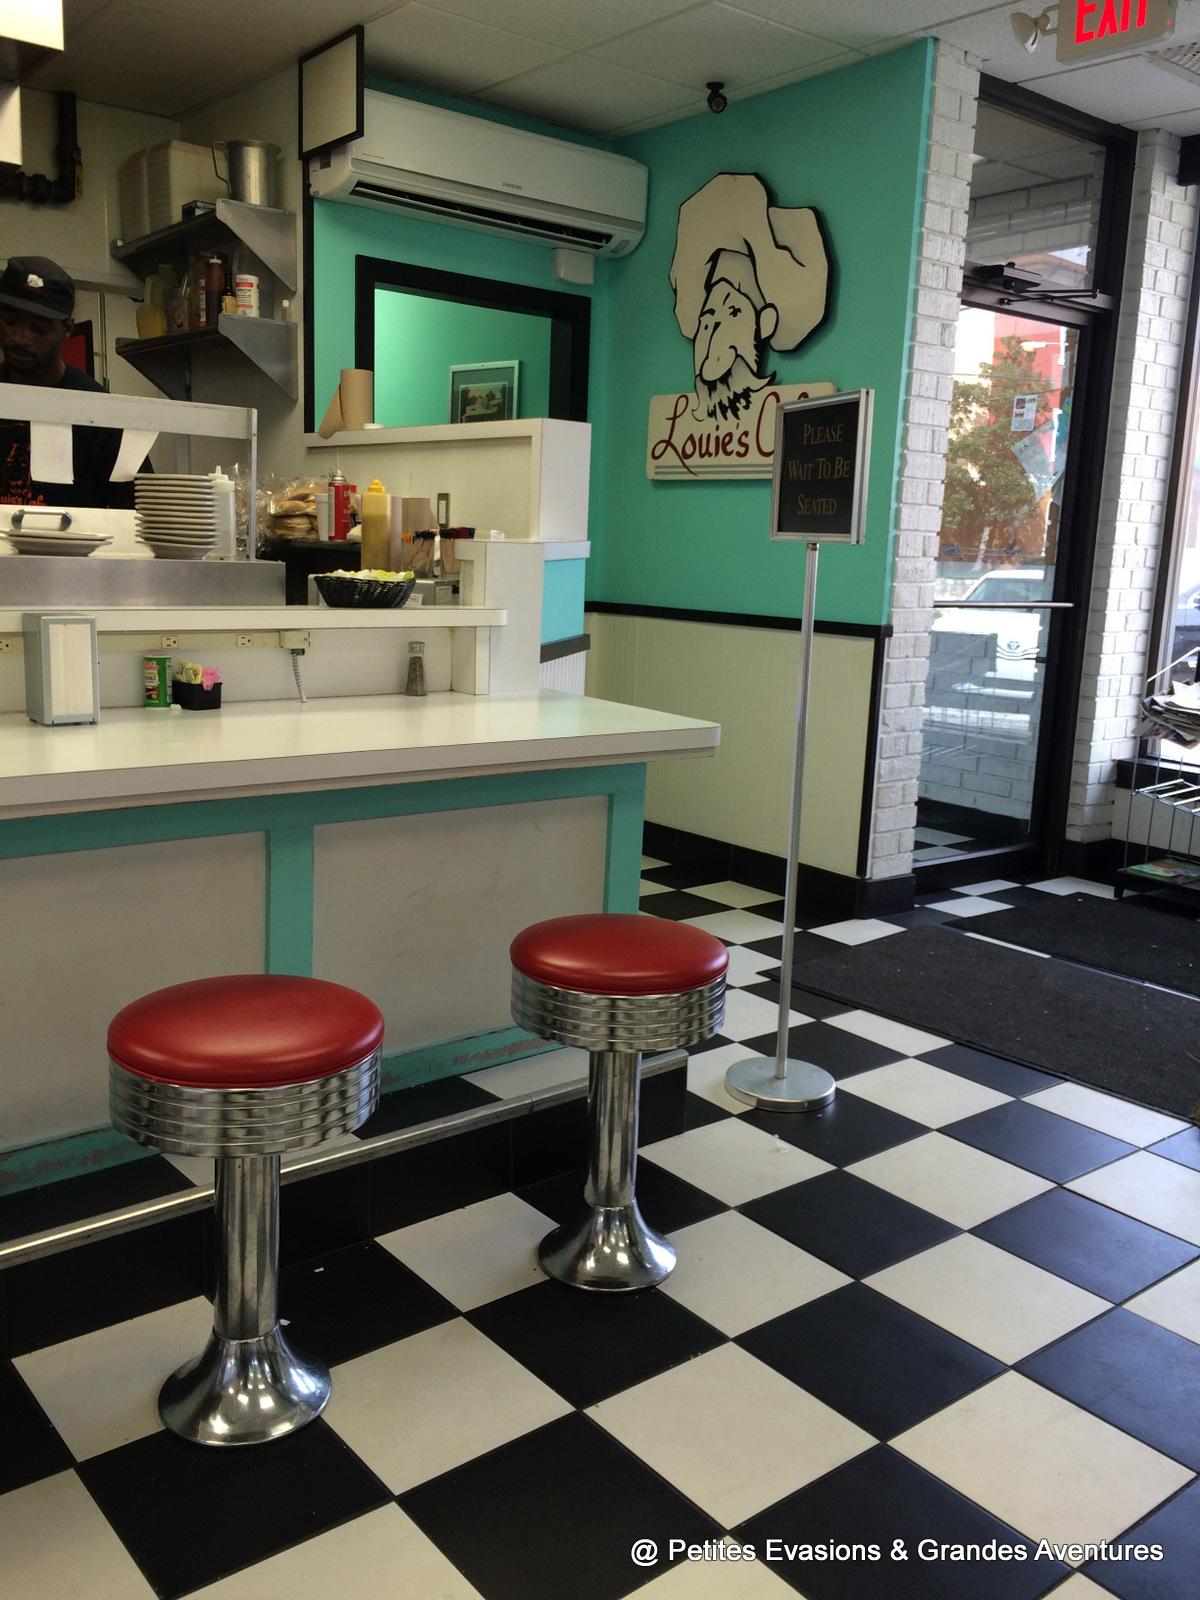 Intérieur d'un restaurant avec carrelage blanc et noir, tabourets rouges et murs turquoises